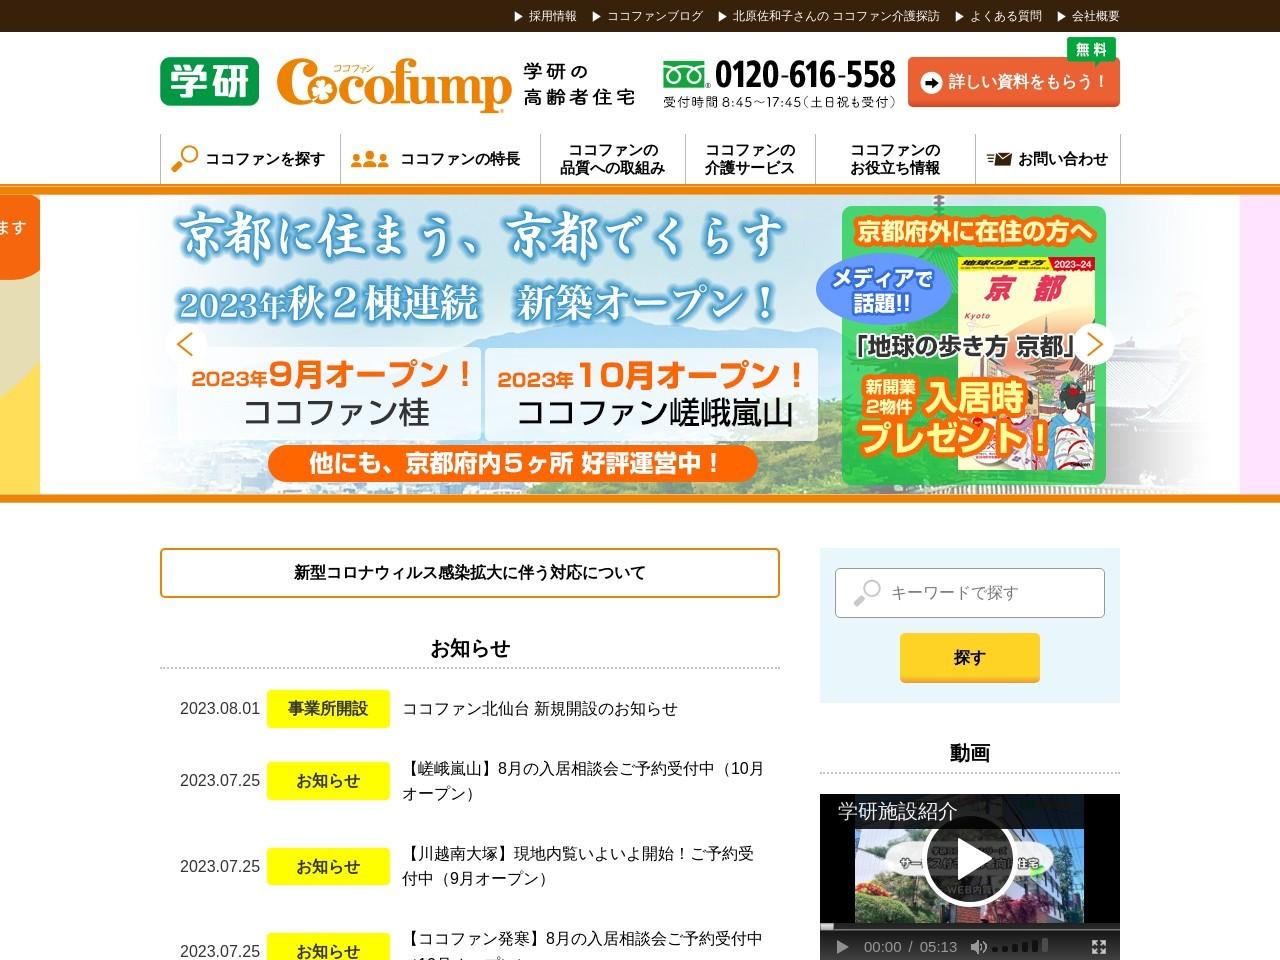 サービス付き高齢者向け住宅の学研ココファン